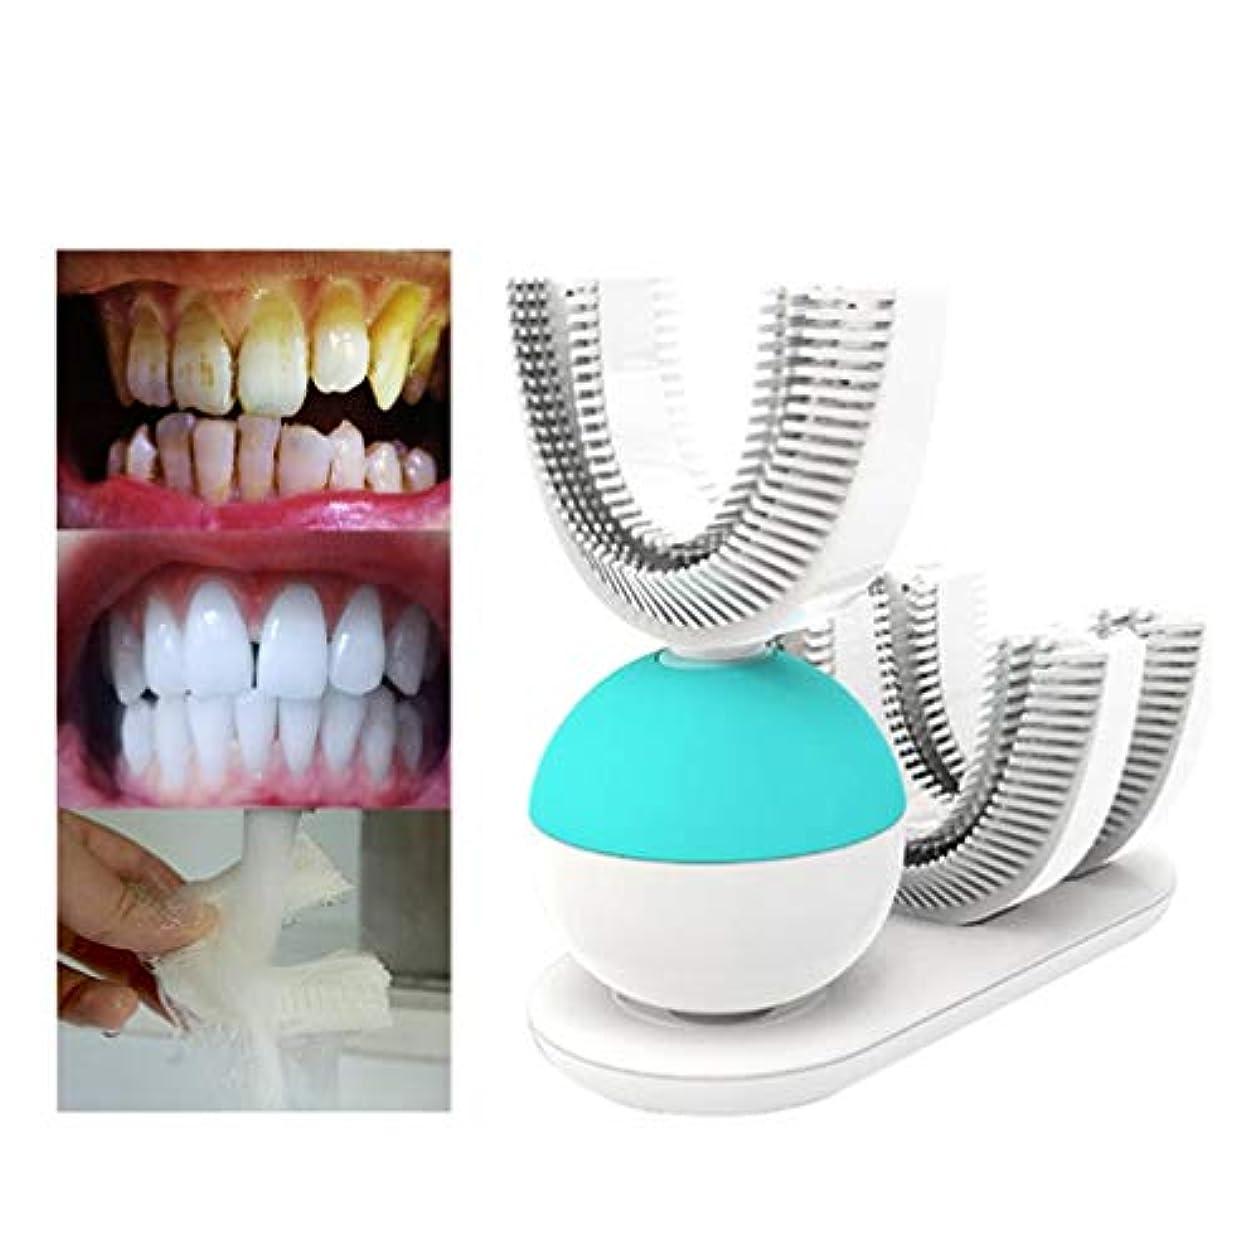 緯度トレイル飛ぶ電動歯ブラシ、U字型自動ソニック電動歯ブラシ360度超音波歯磨き粉、充電式電動歯ブラシ